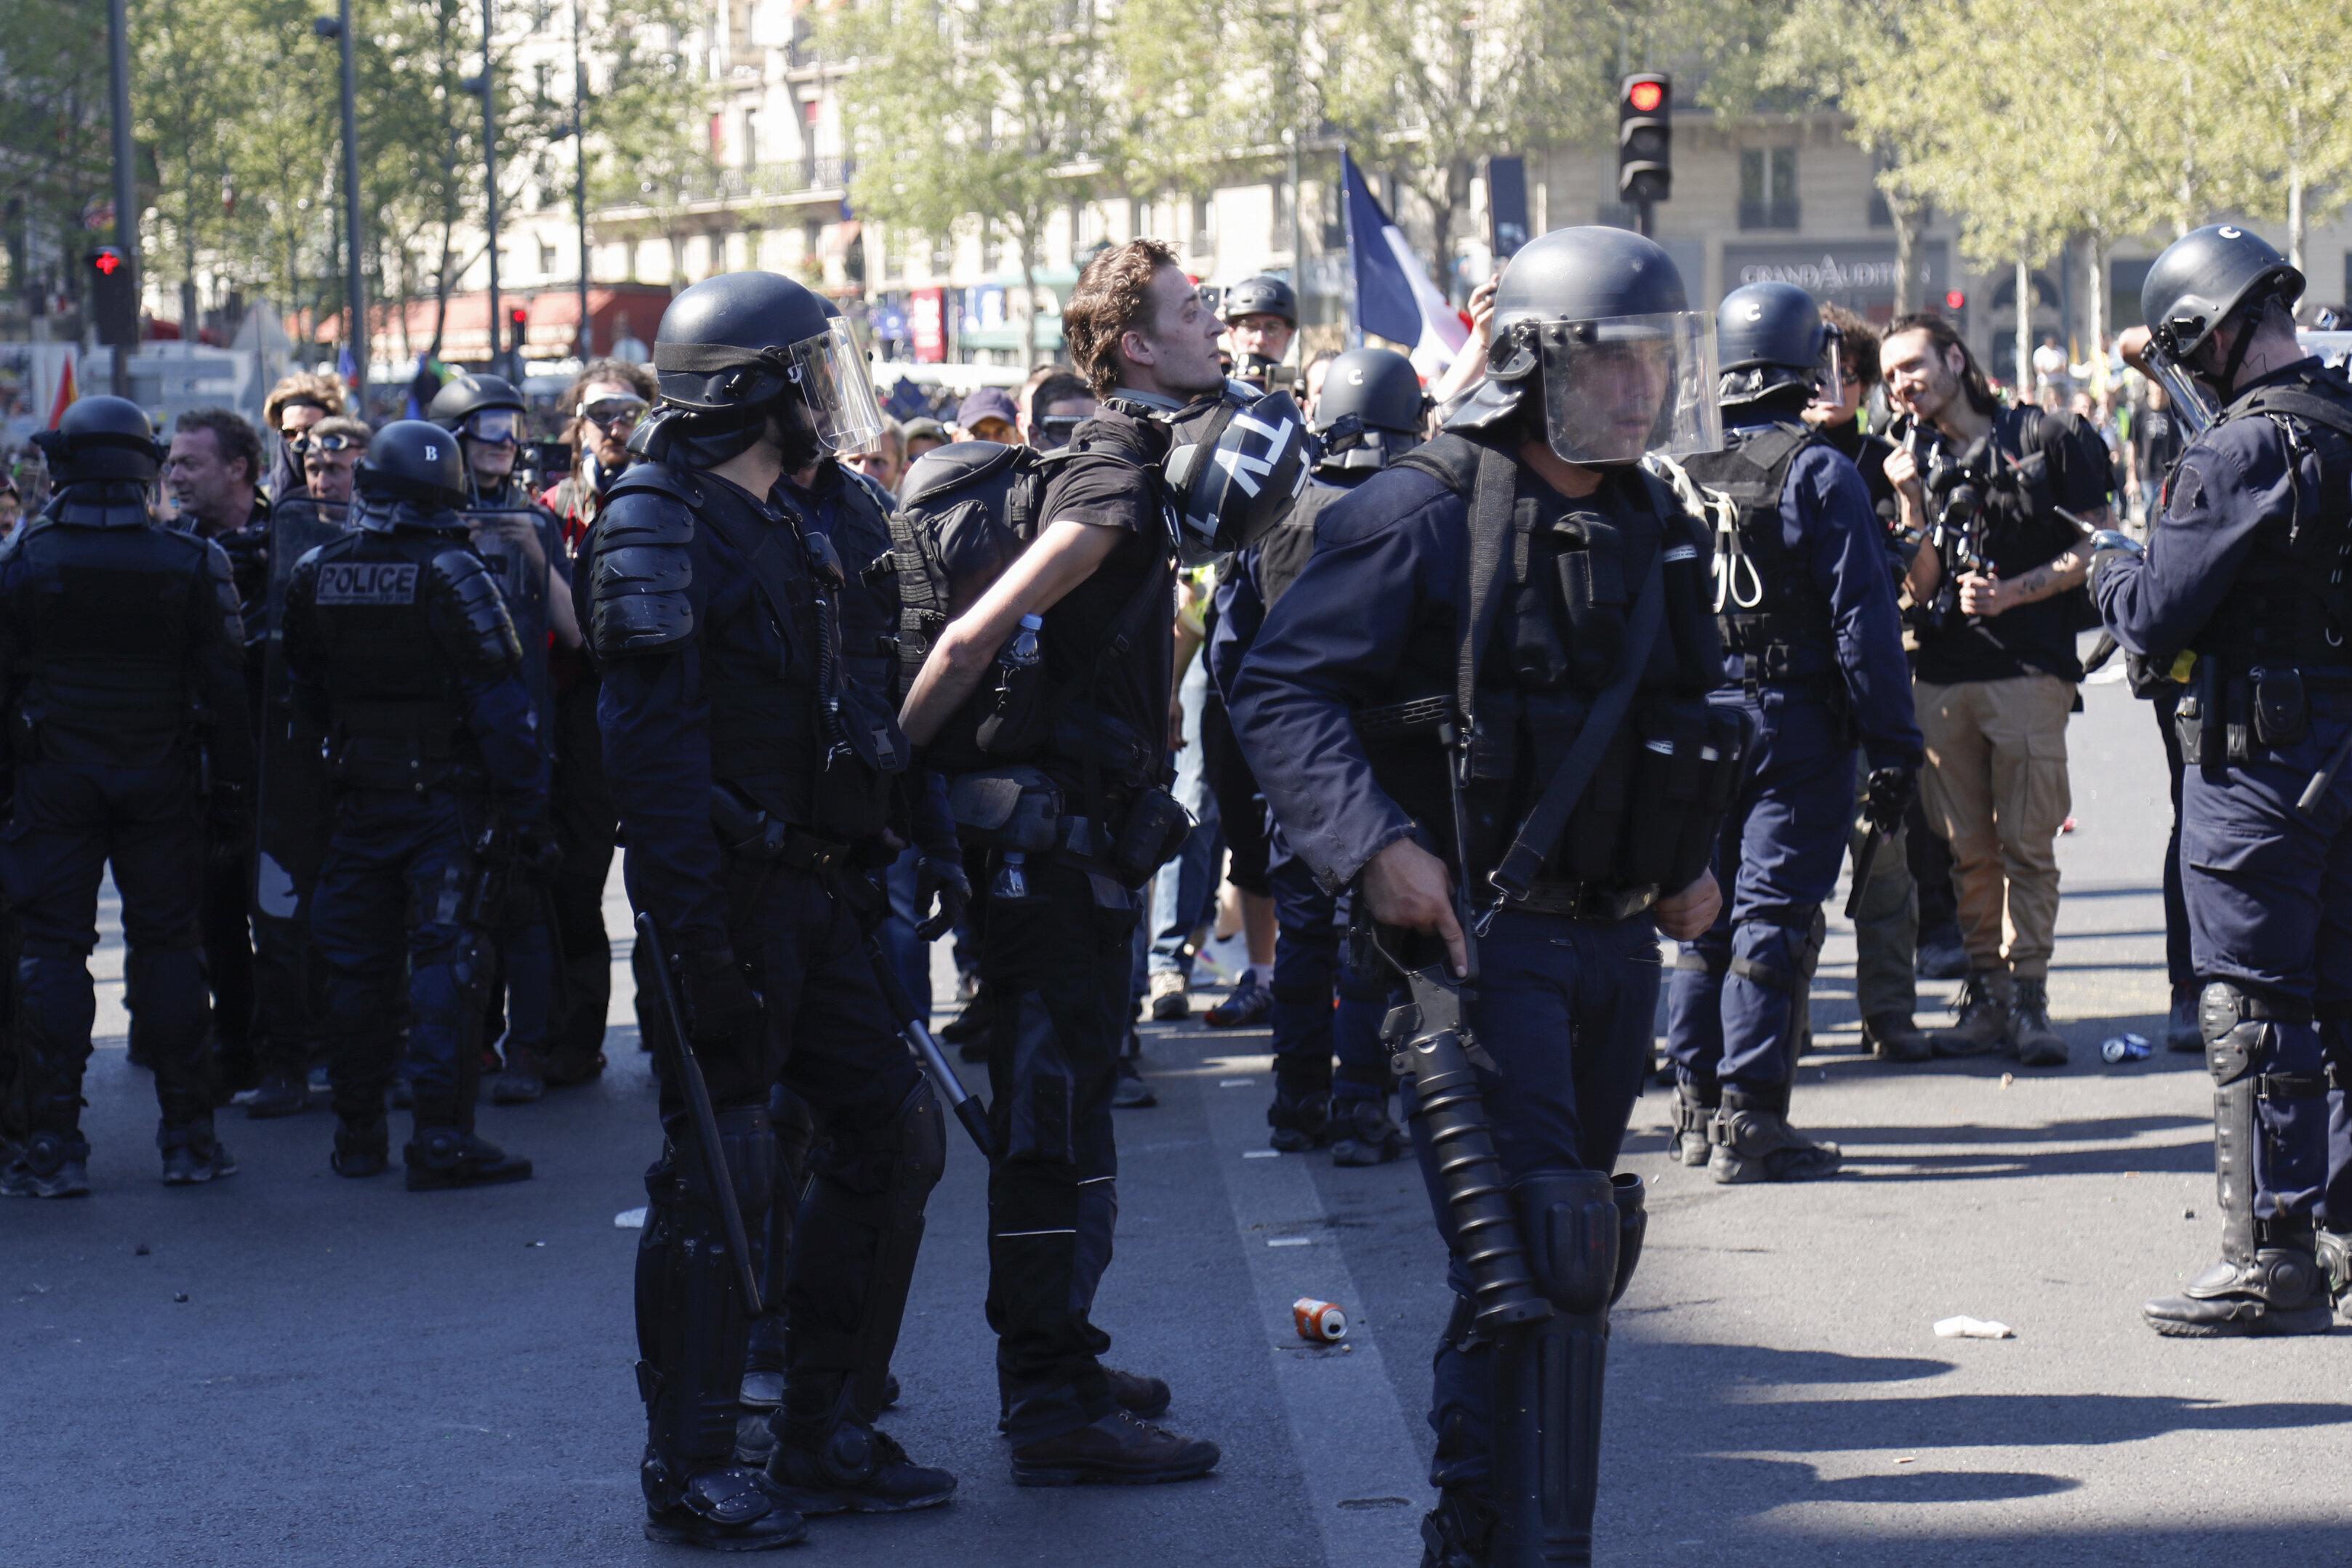 Conférence de presse: l'Élysée refuse l'accréditation, demandée hors délai, du journaliste arrêté